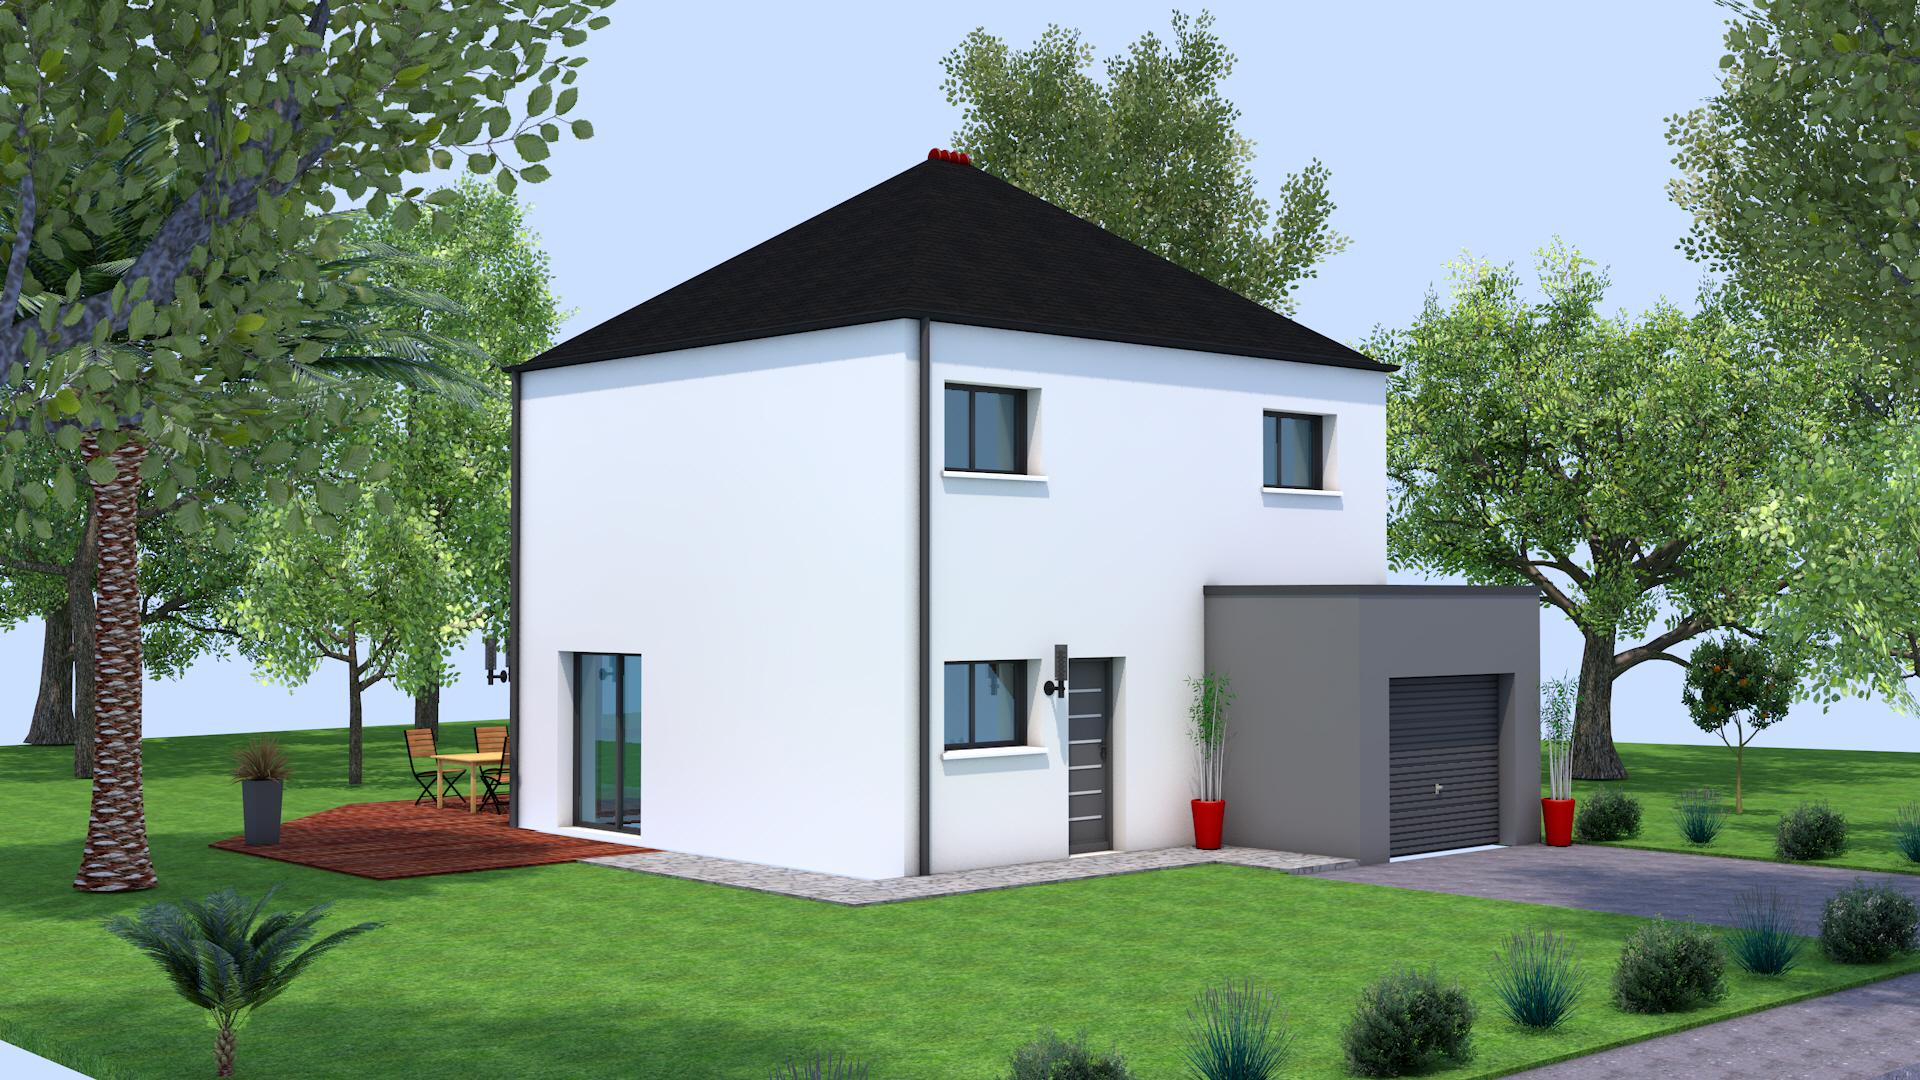 Constructeur Maison Neuve Ille Et Vilaine maison neuve sens de bretagne (35490) - maison 90m2, 3 ch